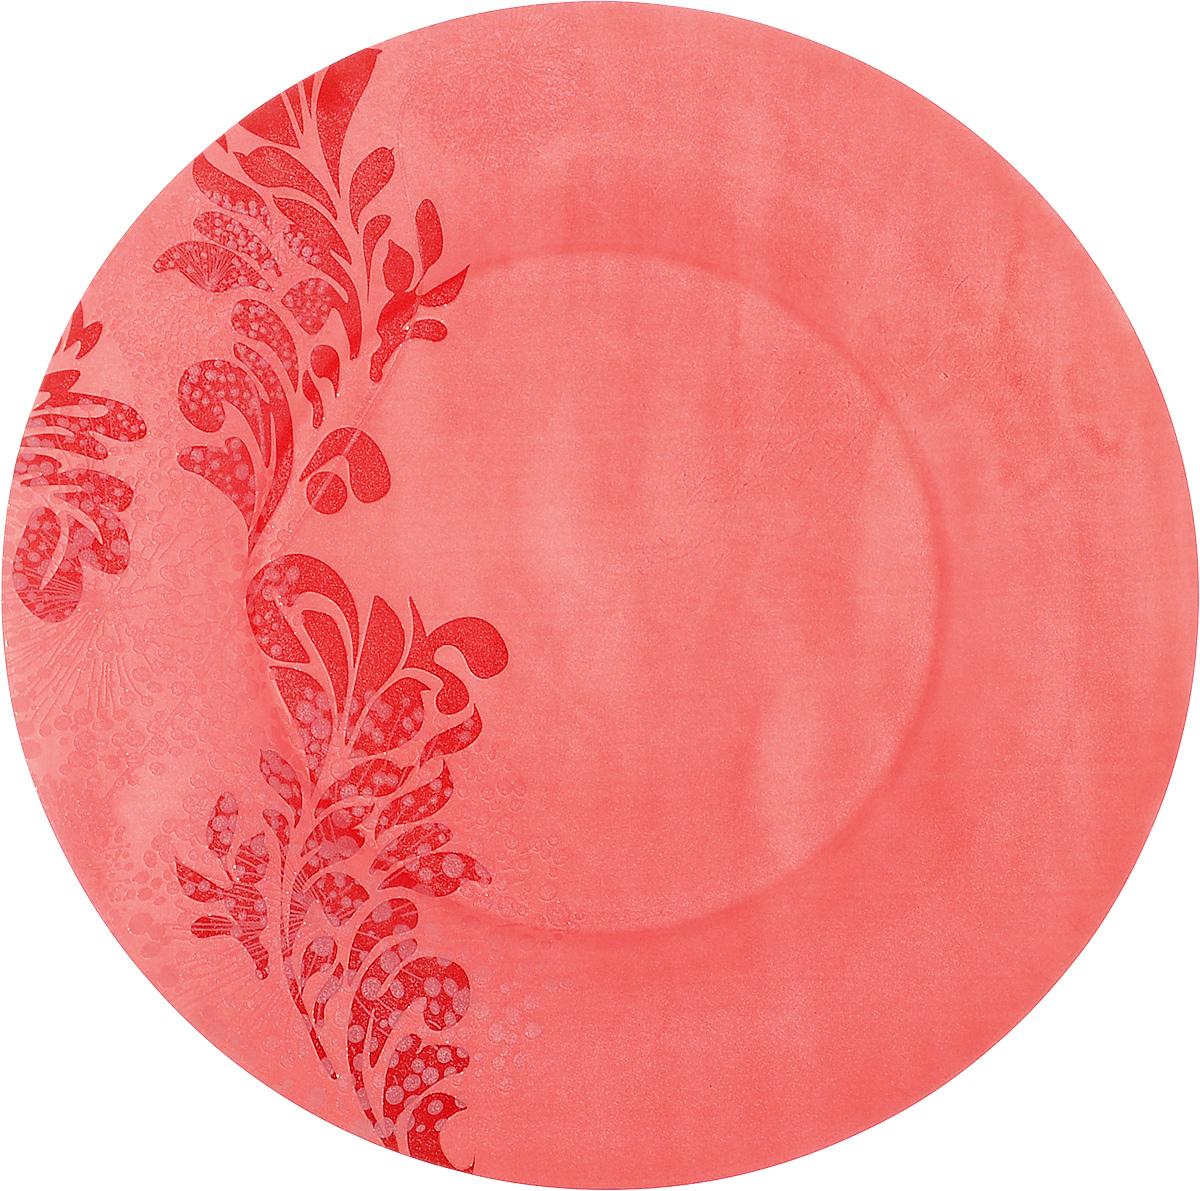 Тарелка обеденная Luminarc Piume Red, диаметр 25 см54 009312Обеденная тарелка Luminarc Piume Red, изготовленная из ударопрочного стекла, имеет изысканный внешний вид. Яркий дизайн придется по вкусу и ценителям классики, и тем, кто предпочитает утонченность. Тарелка Luminarc Piume Red идеально подойдет для сервировки вторых блюд из птицы, рыбы, мяса или овощей, а также станет отличным подарком к любому празднику.Диаметр тарелки (по верхнему краю): 25 см.